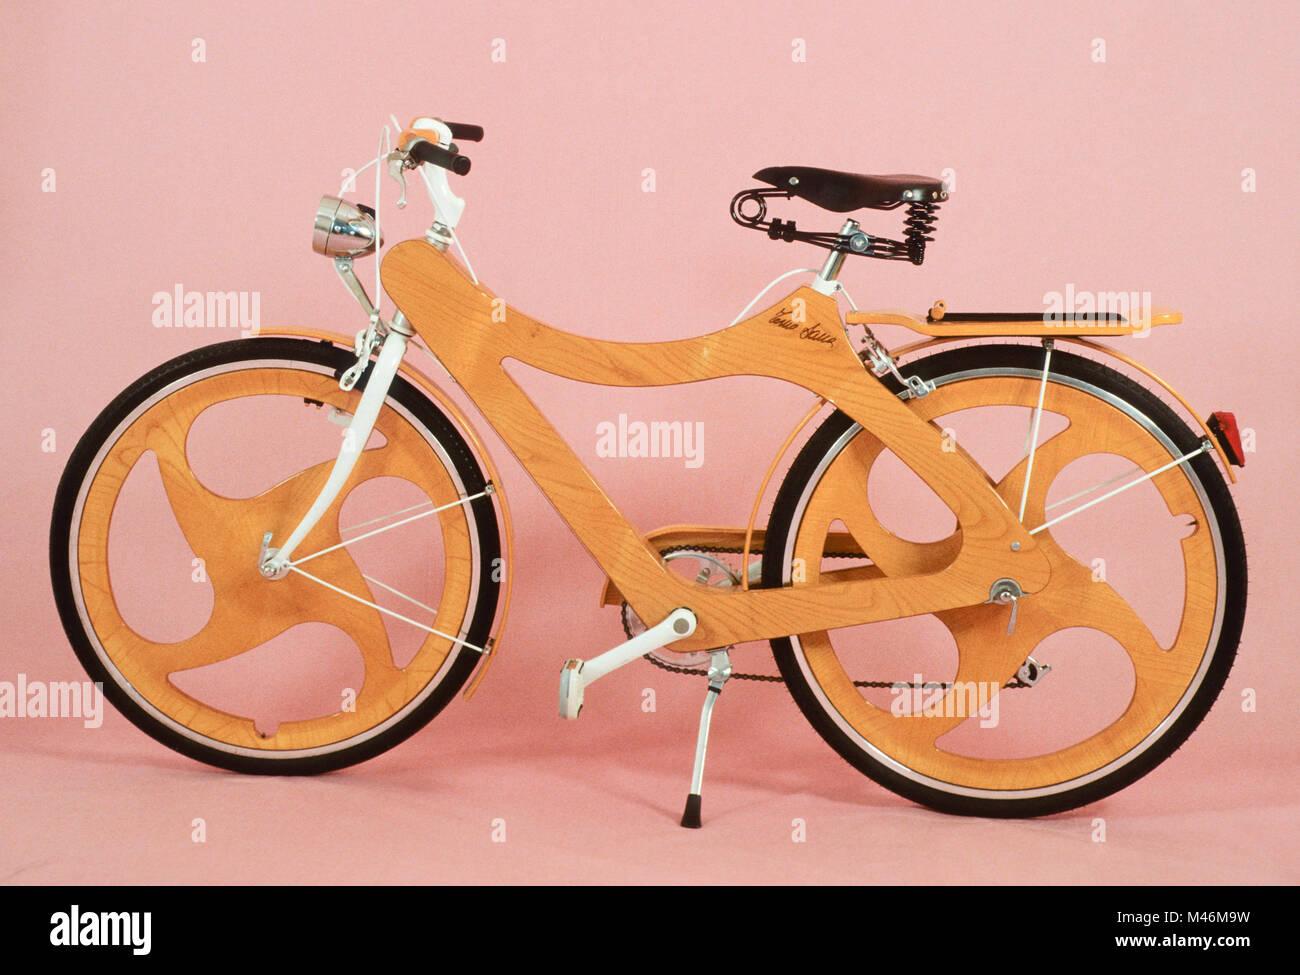 Bicicletta In Legno Inventore Tino Sana Foto Immagine Stock